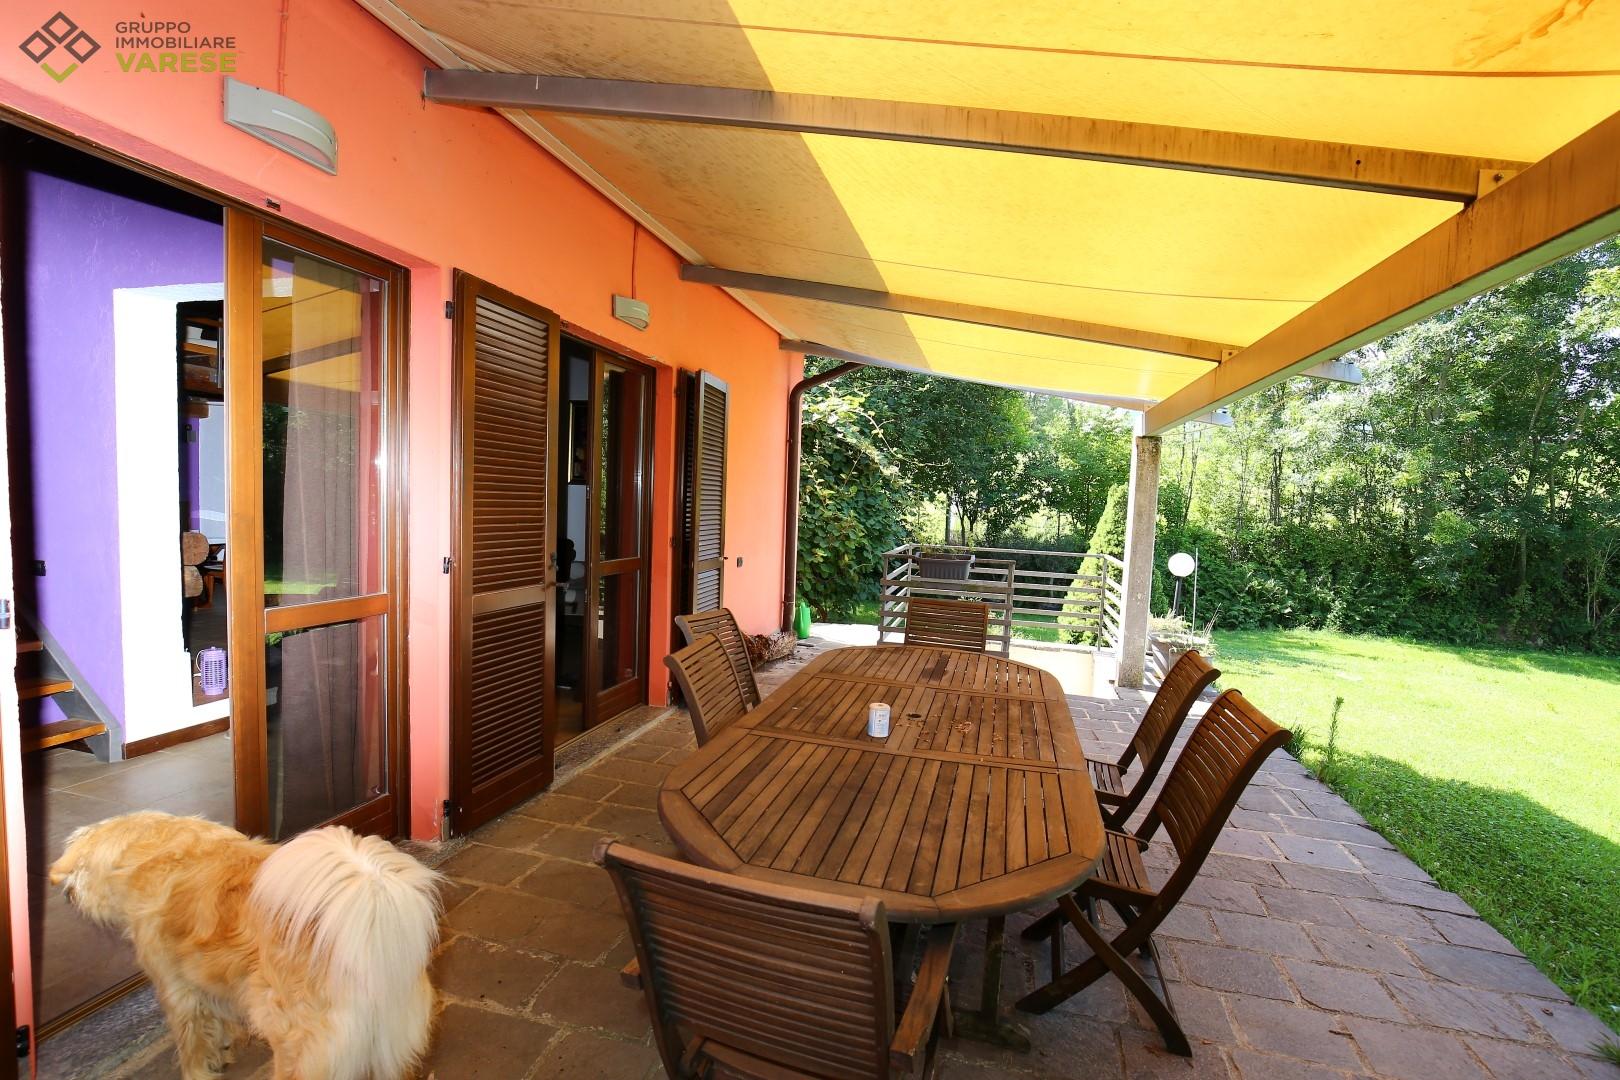 Villa in vendita a Bodio Lomnago, 9 locali, zona Zona: Bodio, prezzo € 660.000 | CambioCasa.it